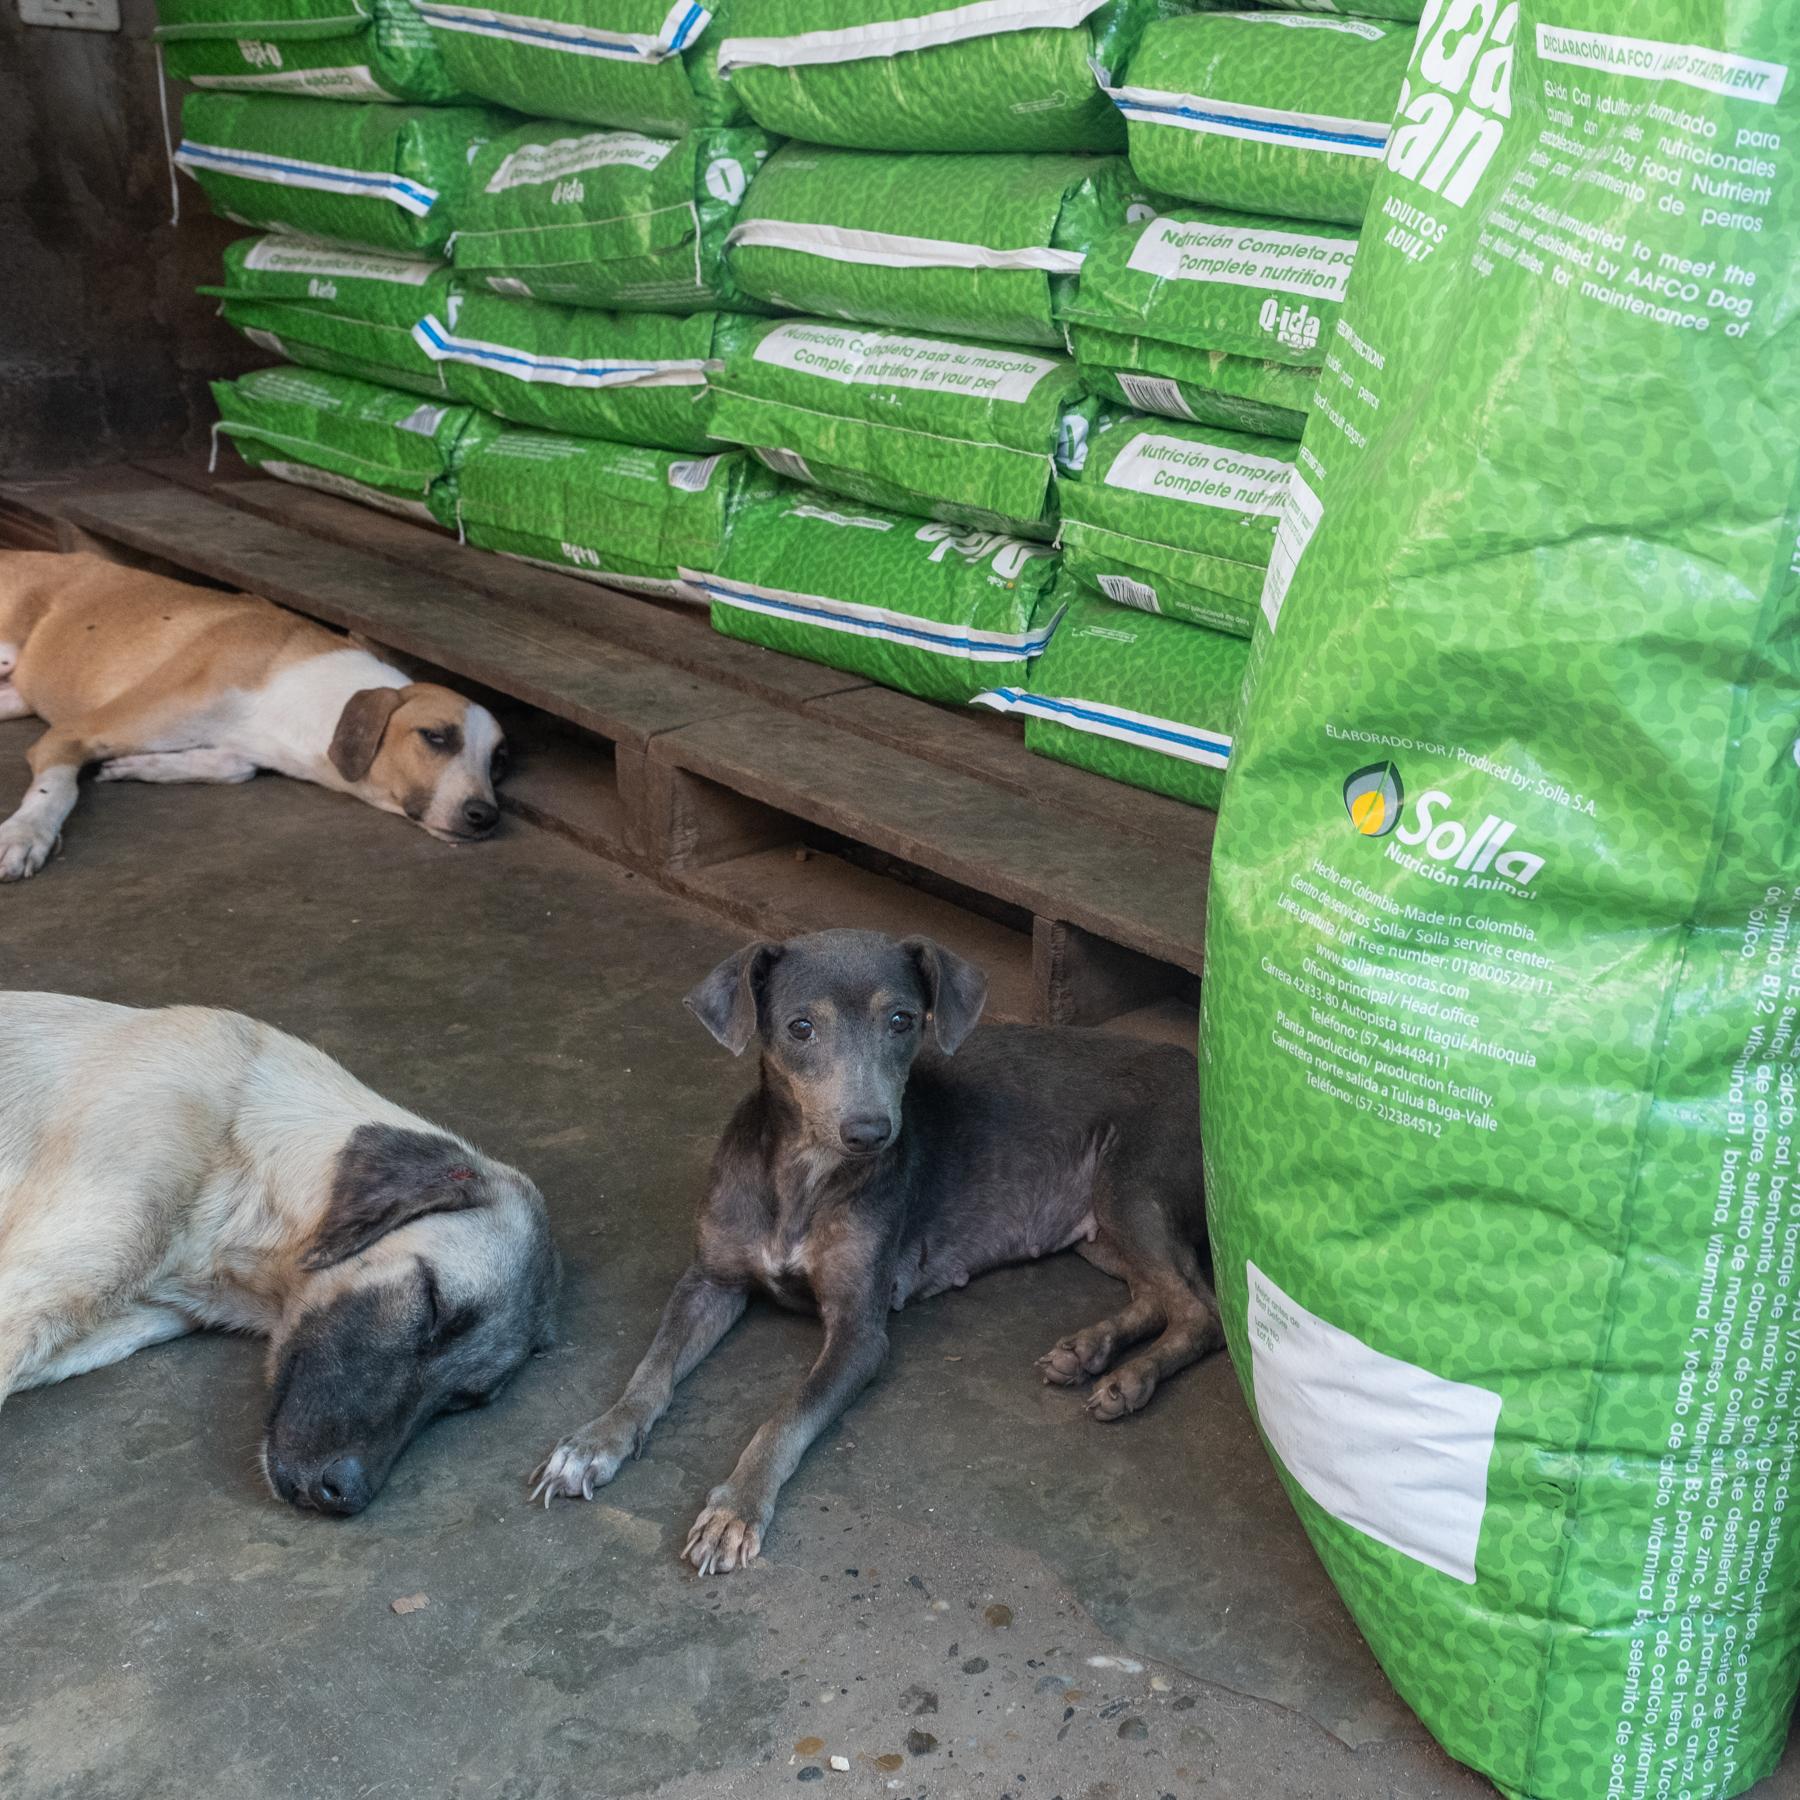 boston-dog-photographer-cartagena-colombia-animal-shelter-dog-rescuev